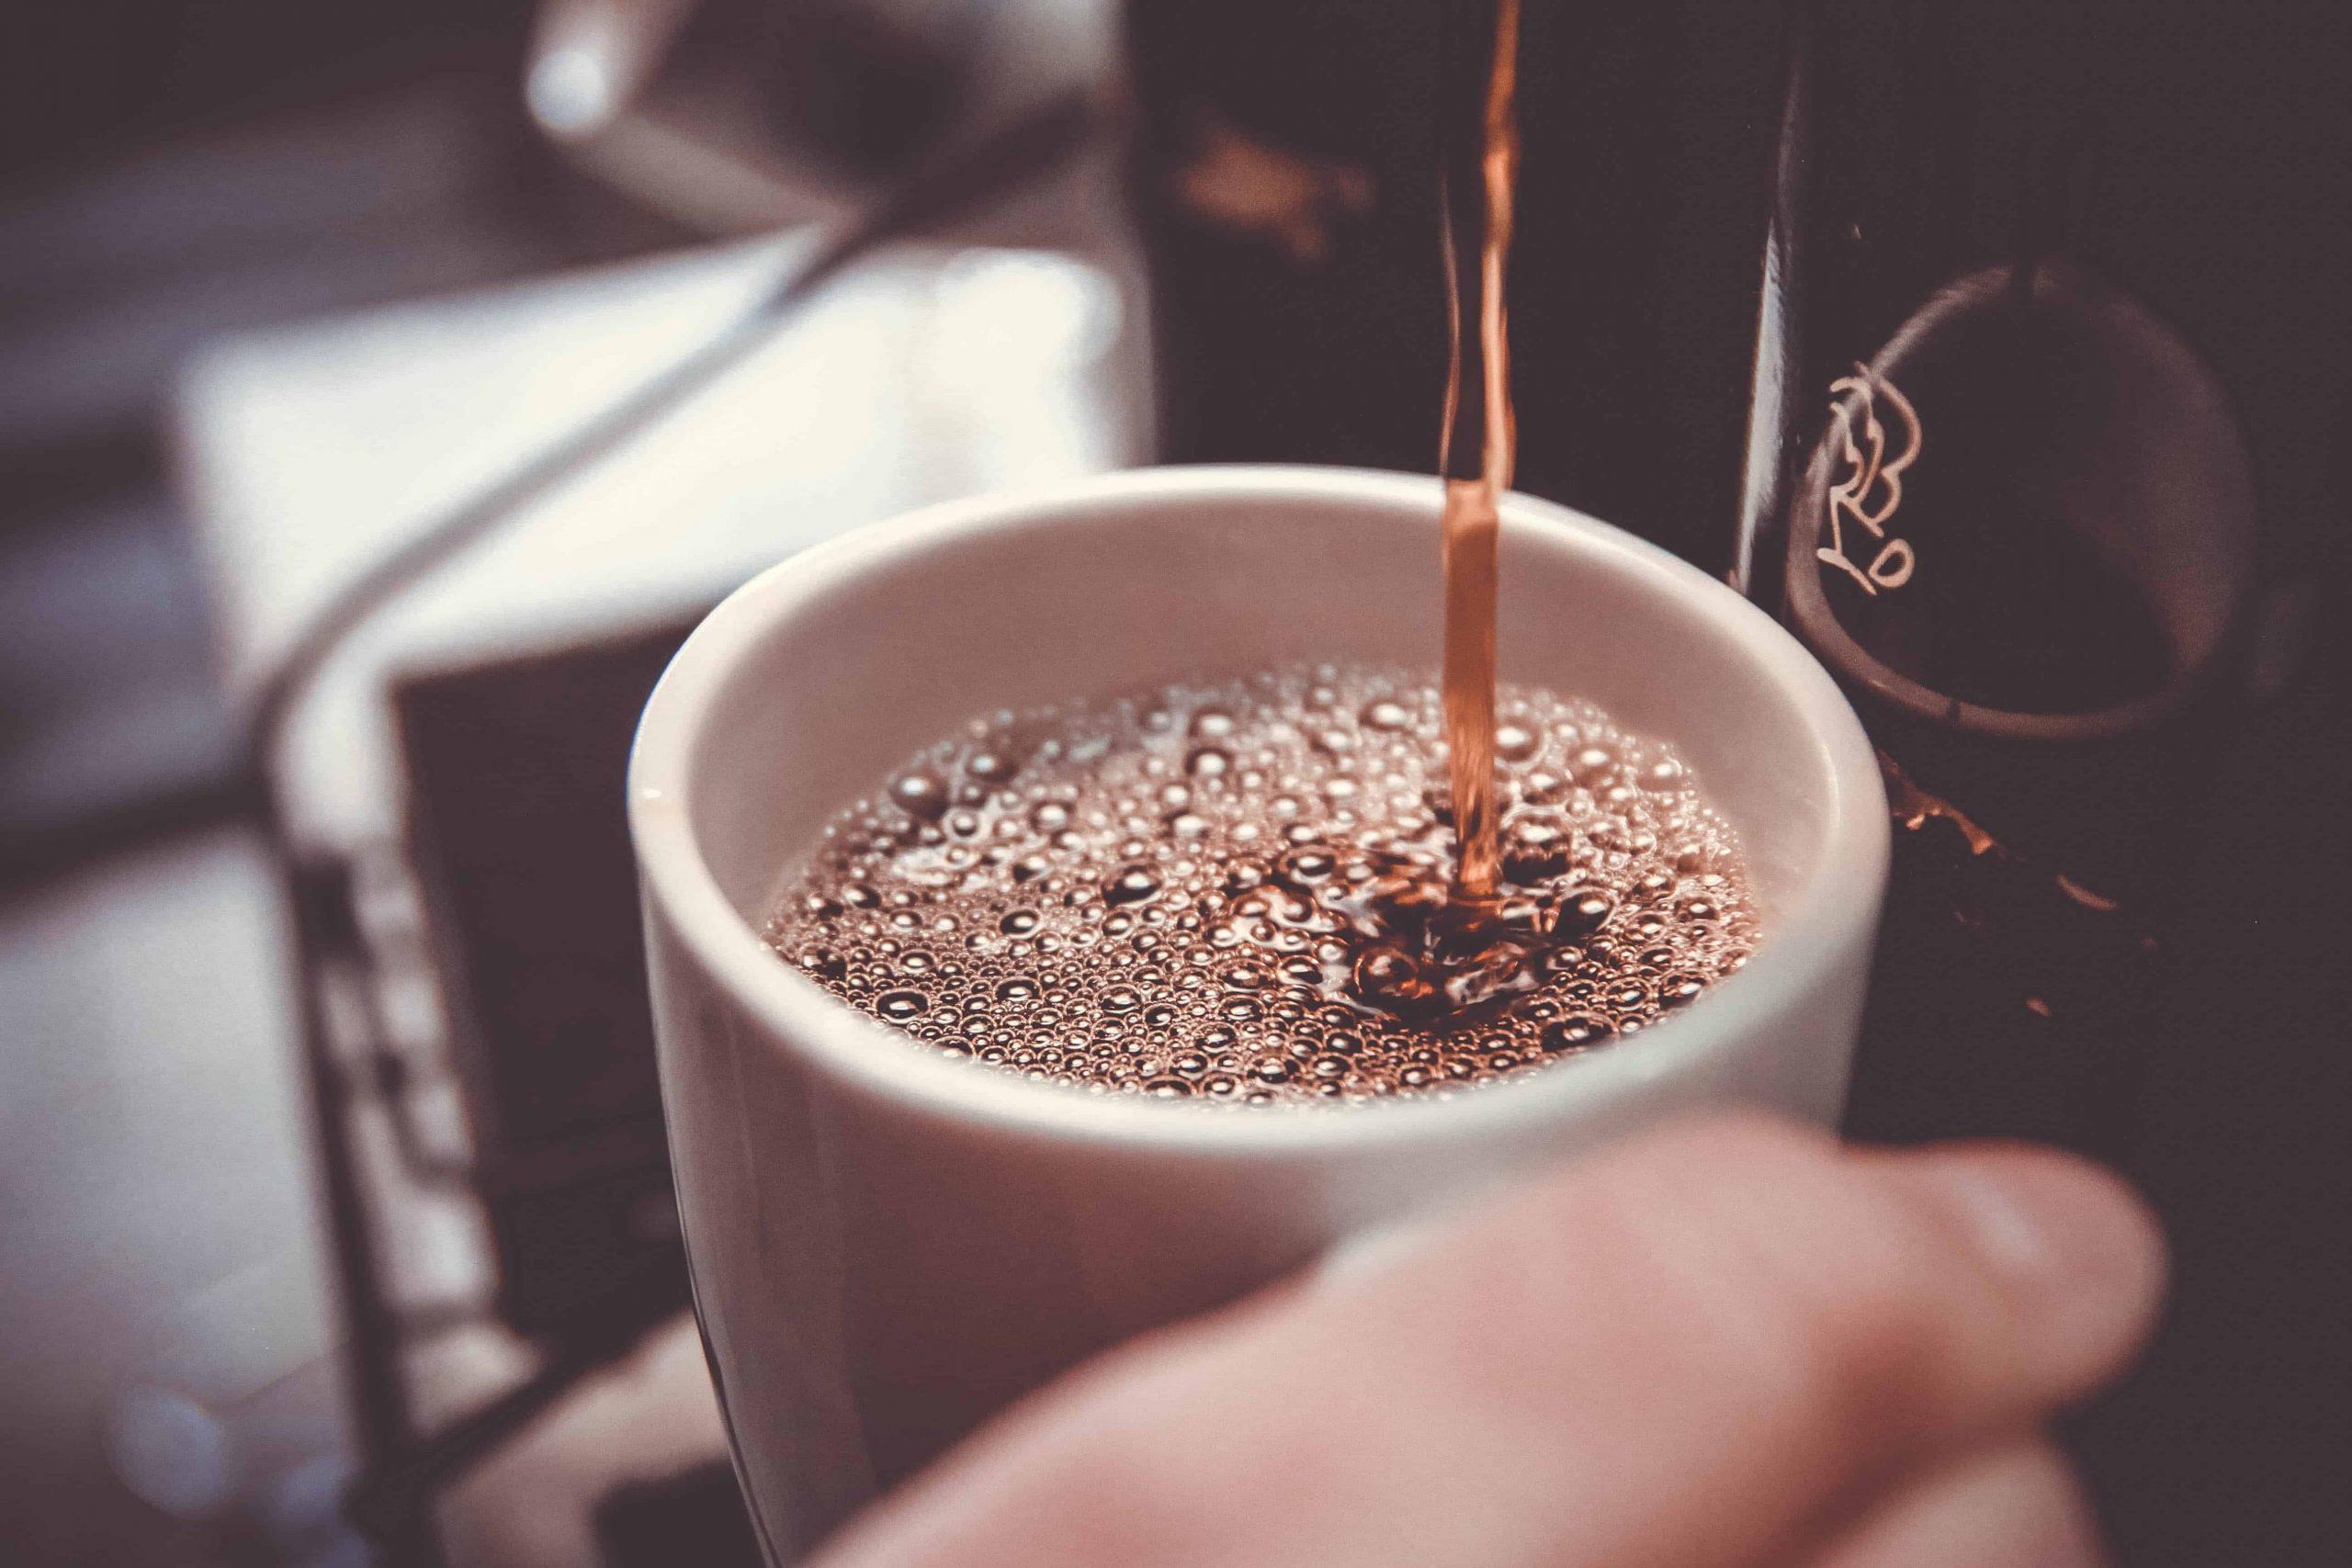 Kaffeepadmaschine: Test & Empfehlungen (05/20)